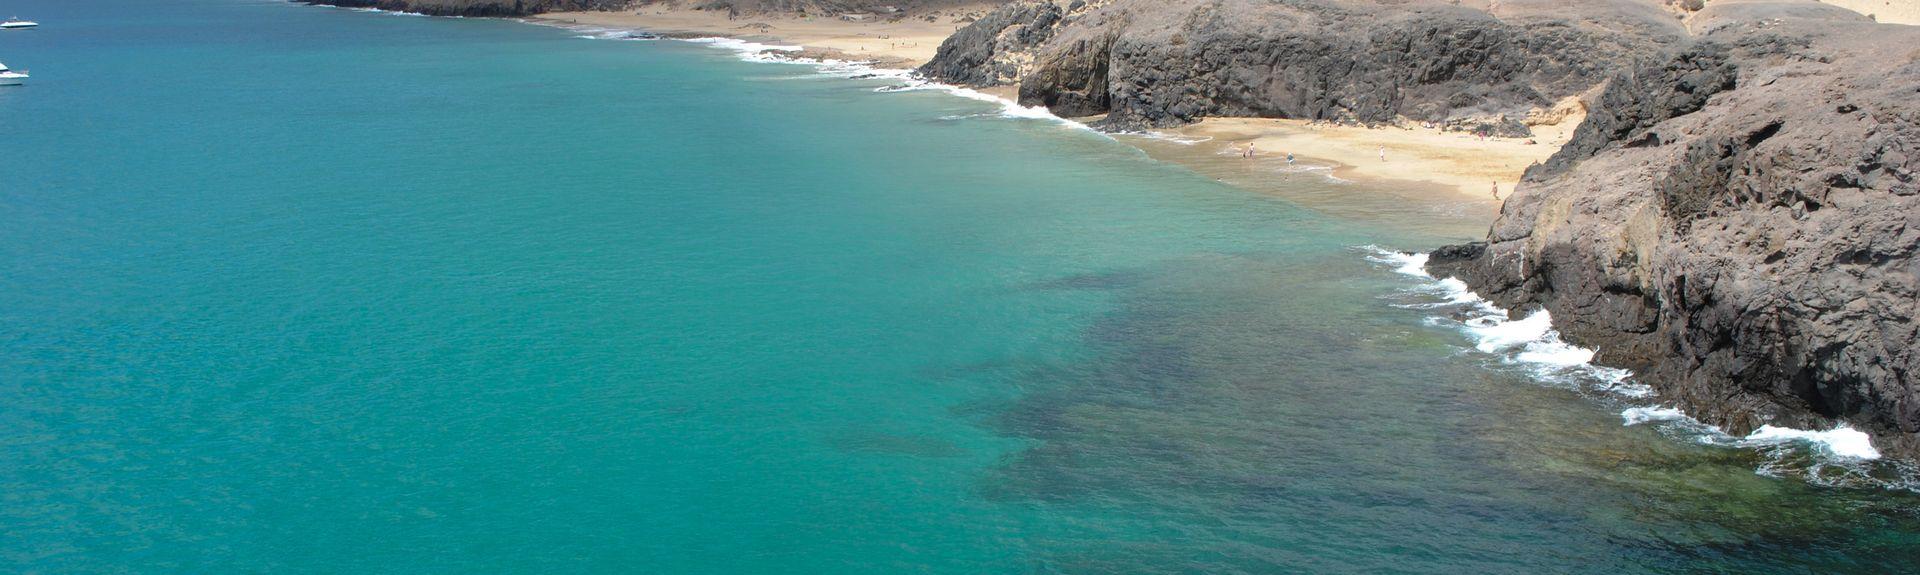 Femes, Yaiza, Ilhas Canárias, Espanha